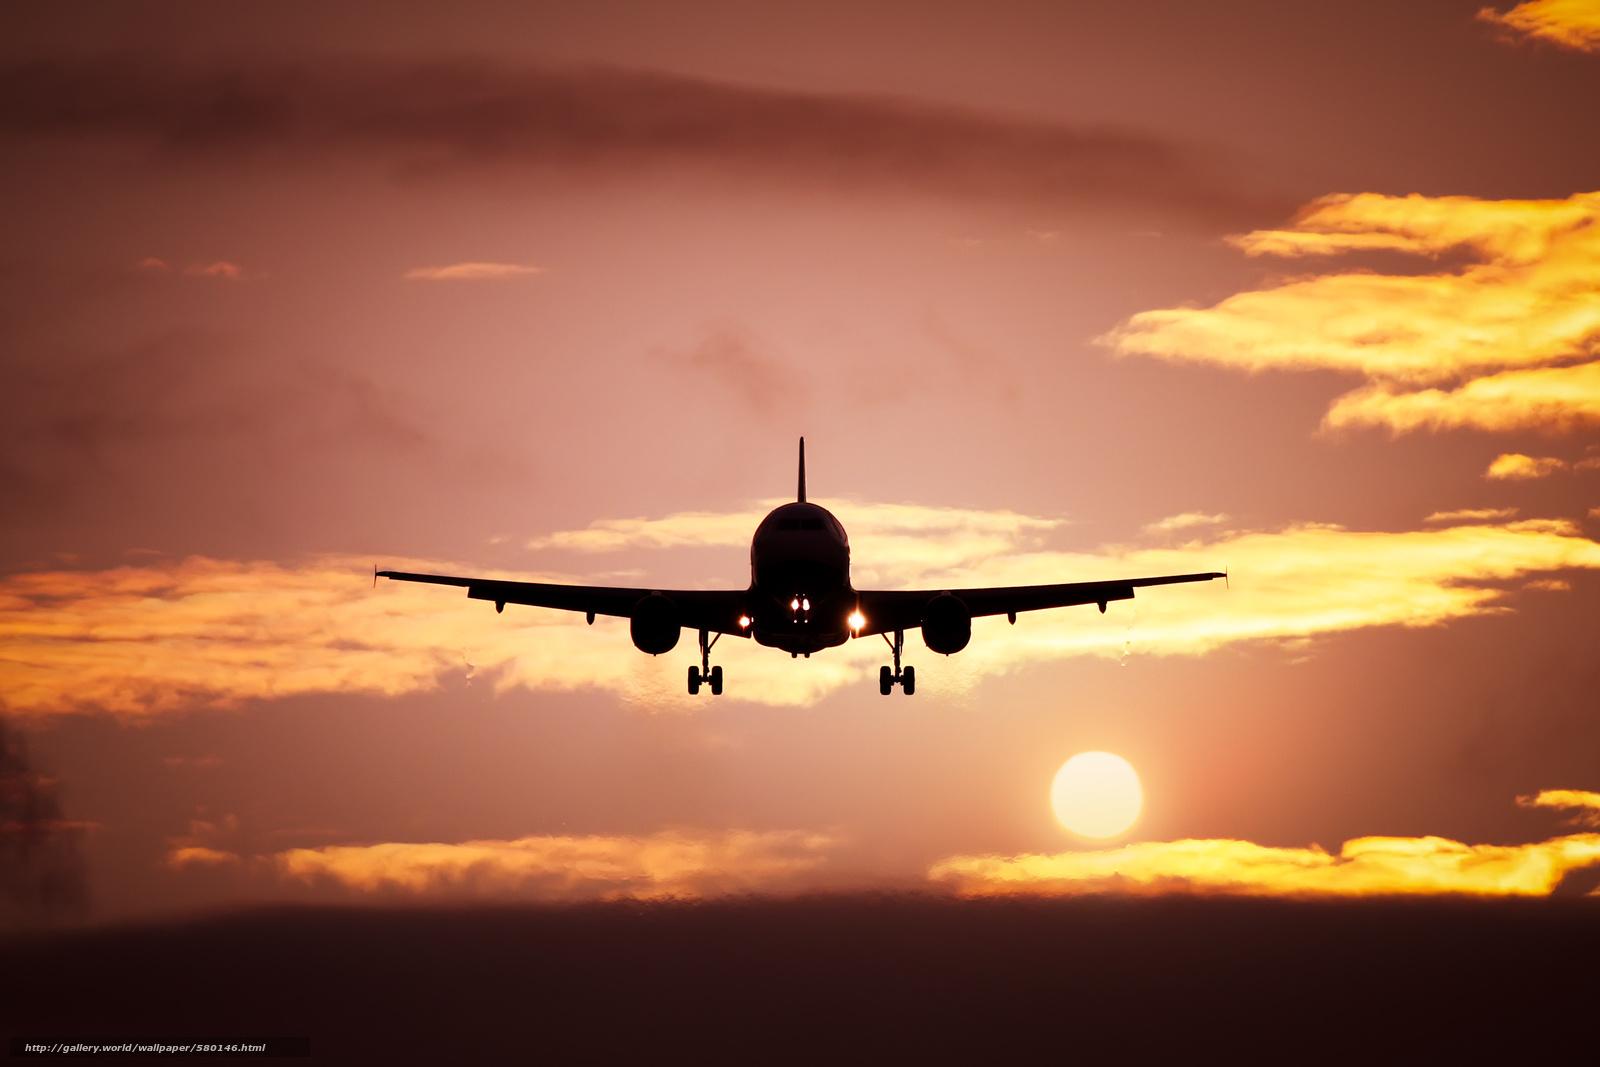 Скачать обои взлёт,  солнце,  облака,  вечер бесплатно для рабочего стола в разрешении 3000x2000 — картинка №580146